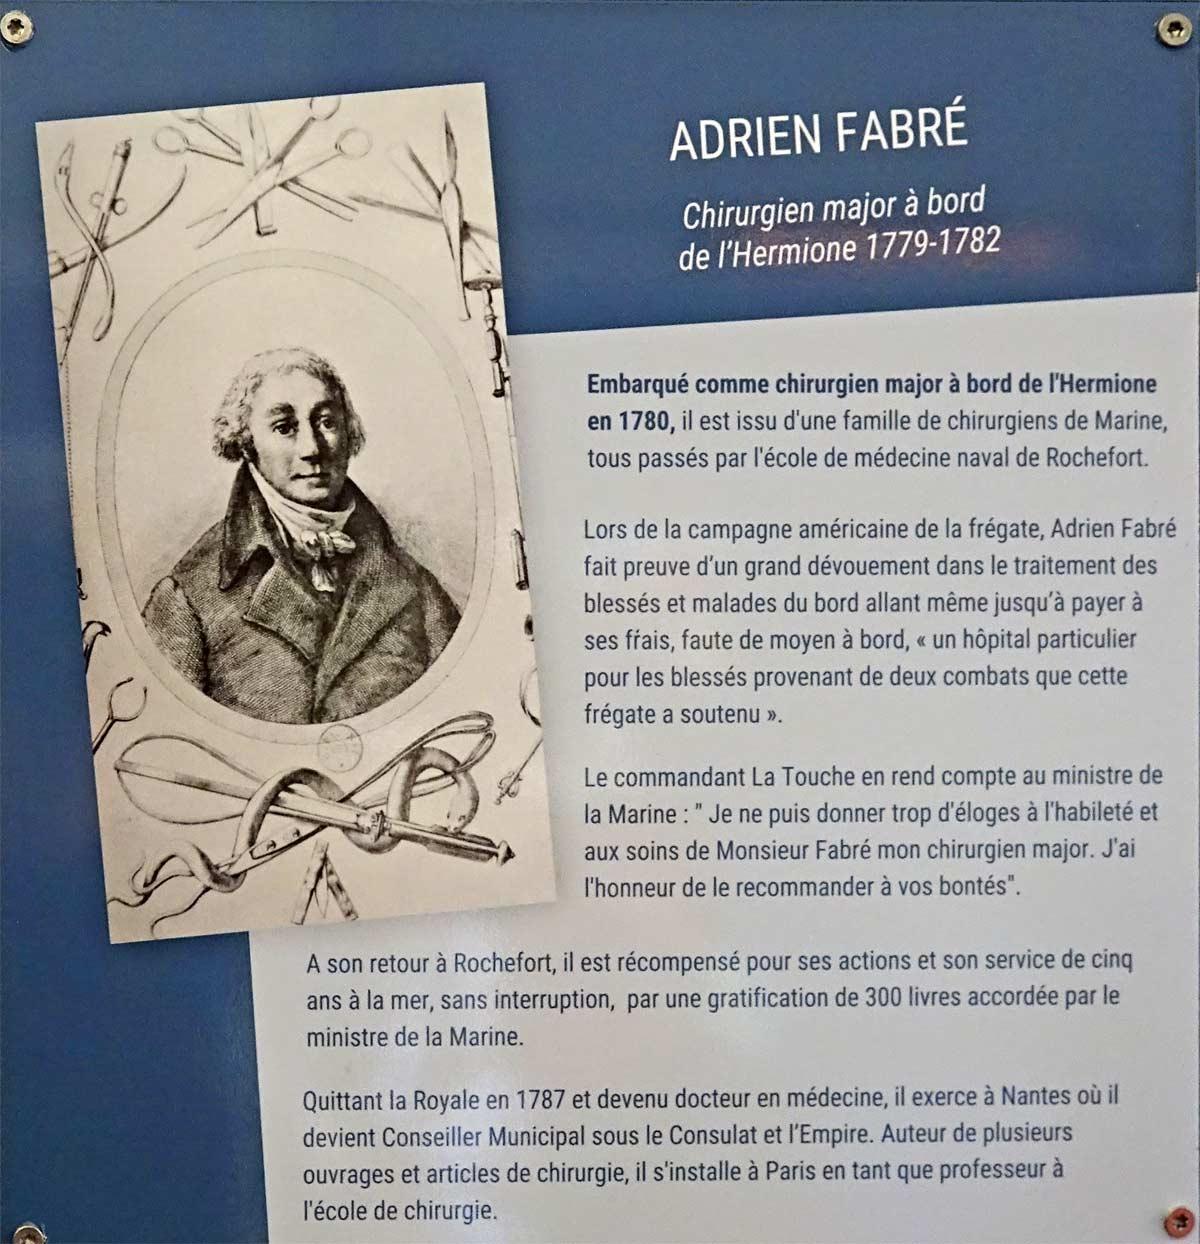 Adrien Fabré